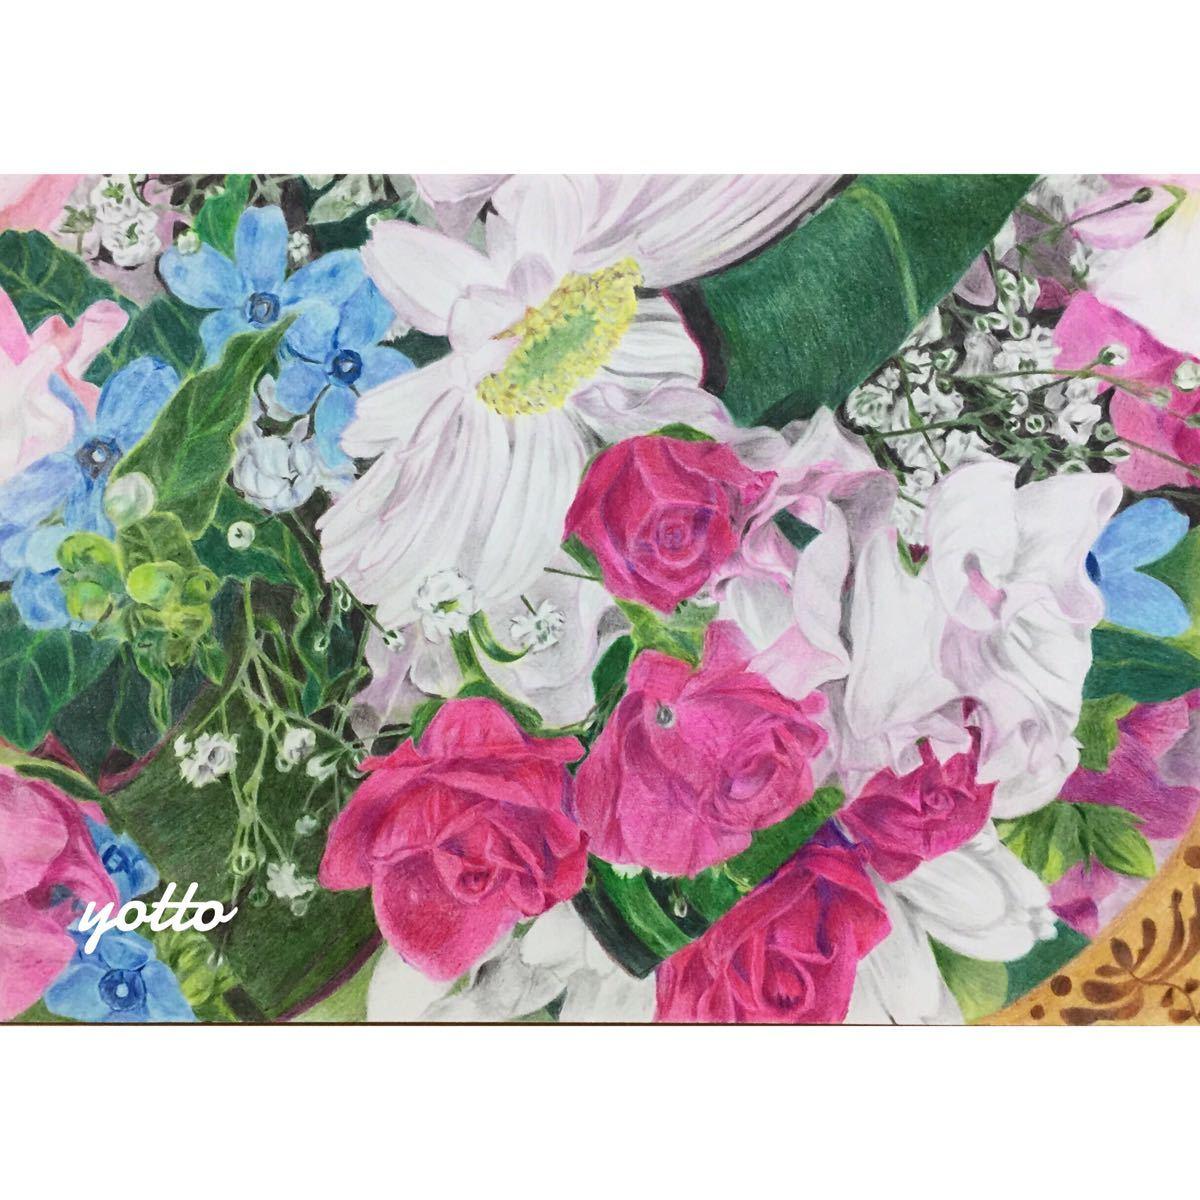 色鉛筆画「 continue … 」A4・額付き◇◆ 手描き◇原画◆花◇◆yotto_画像1